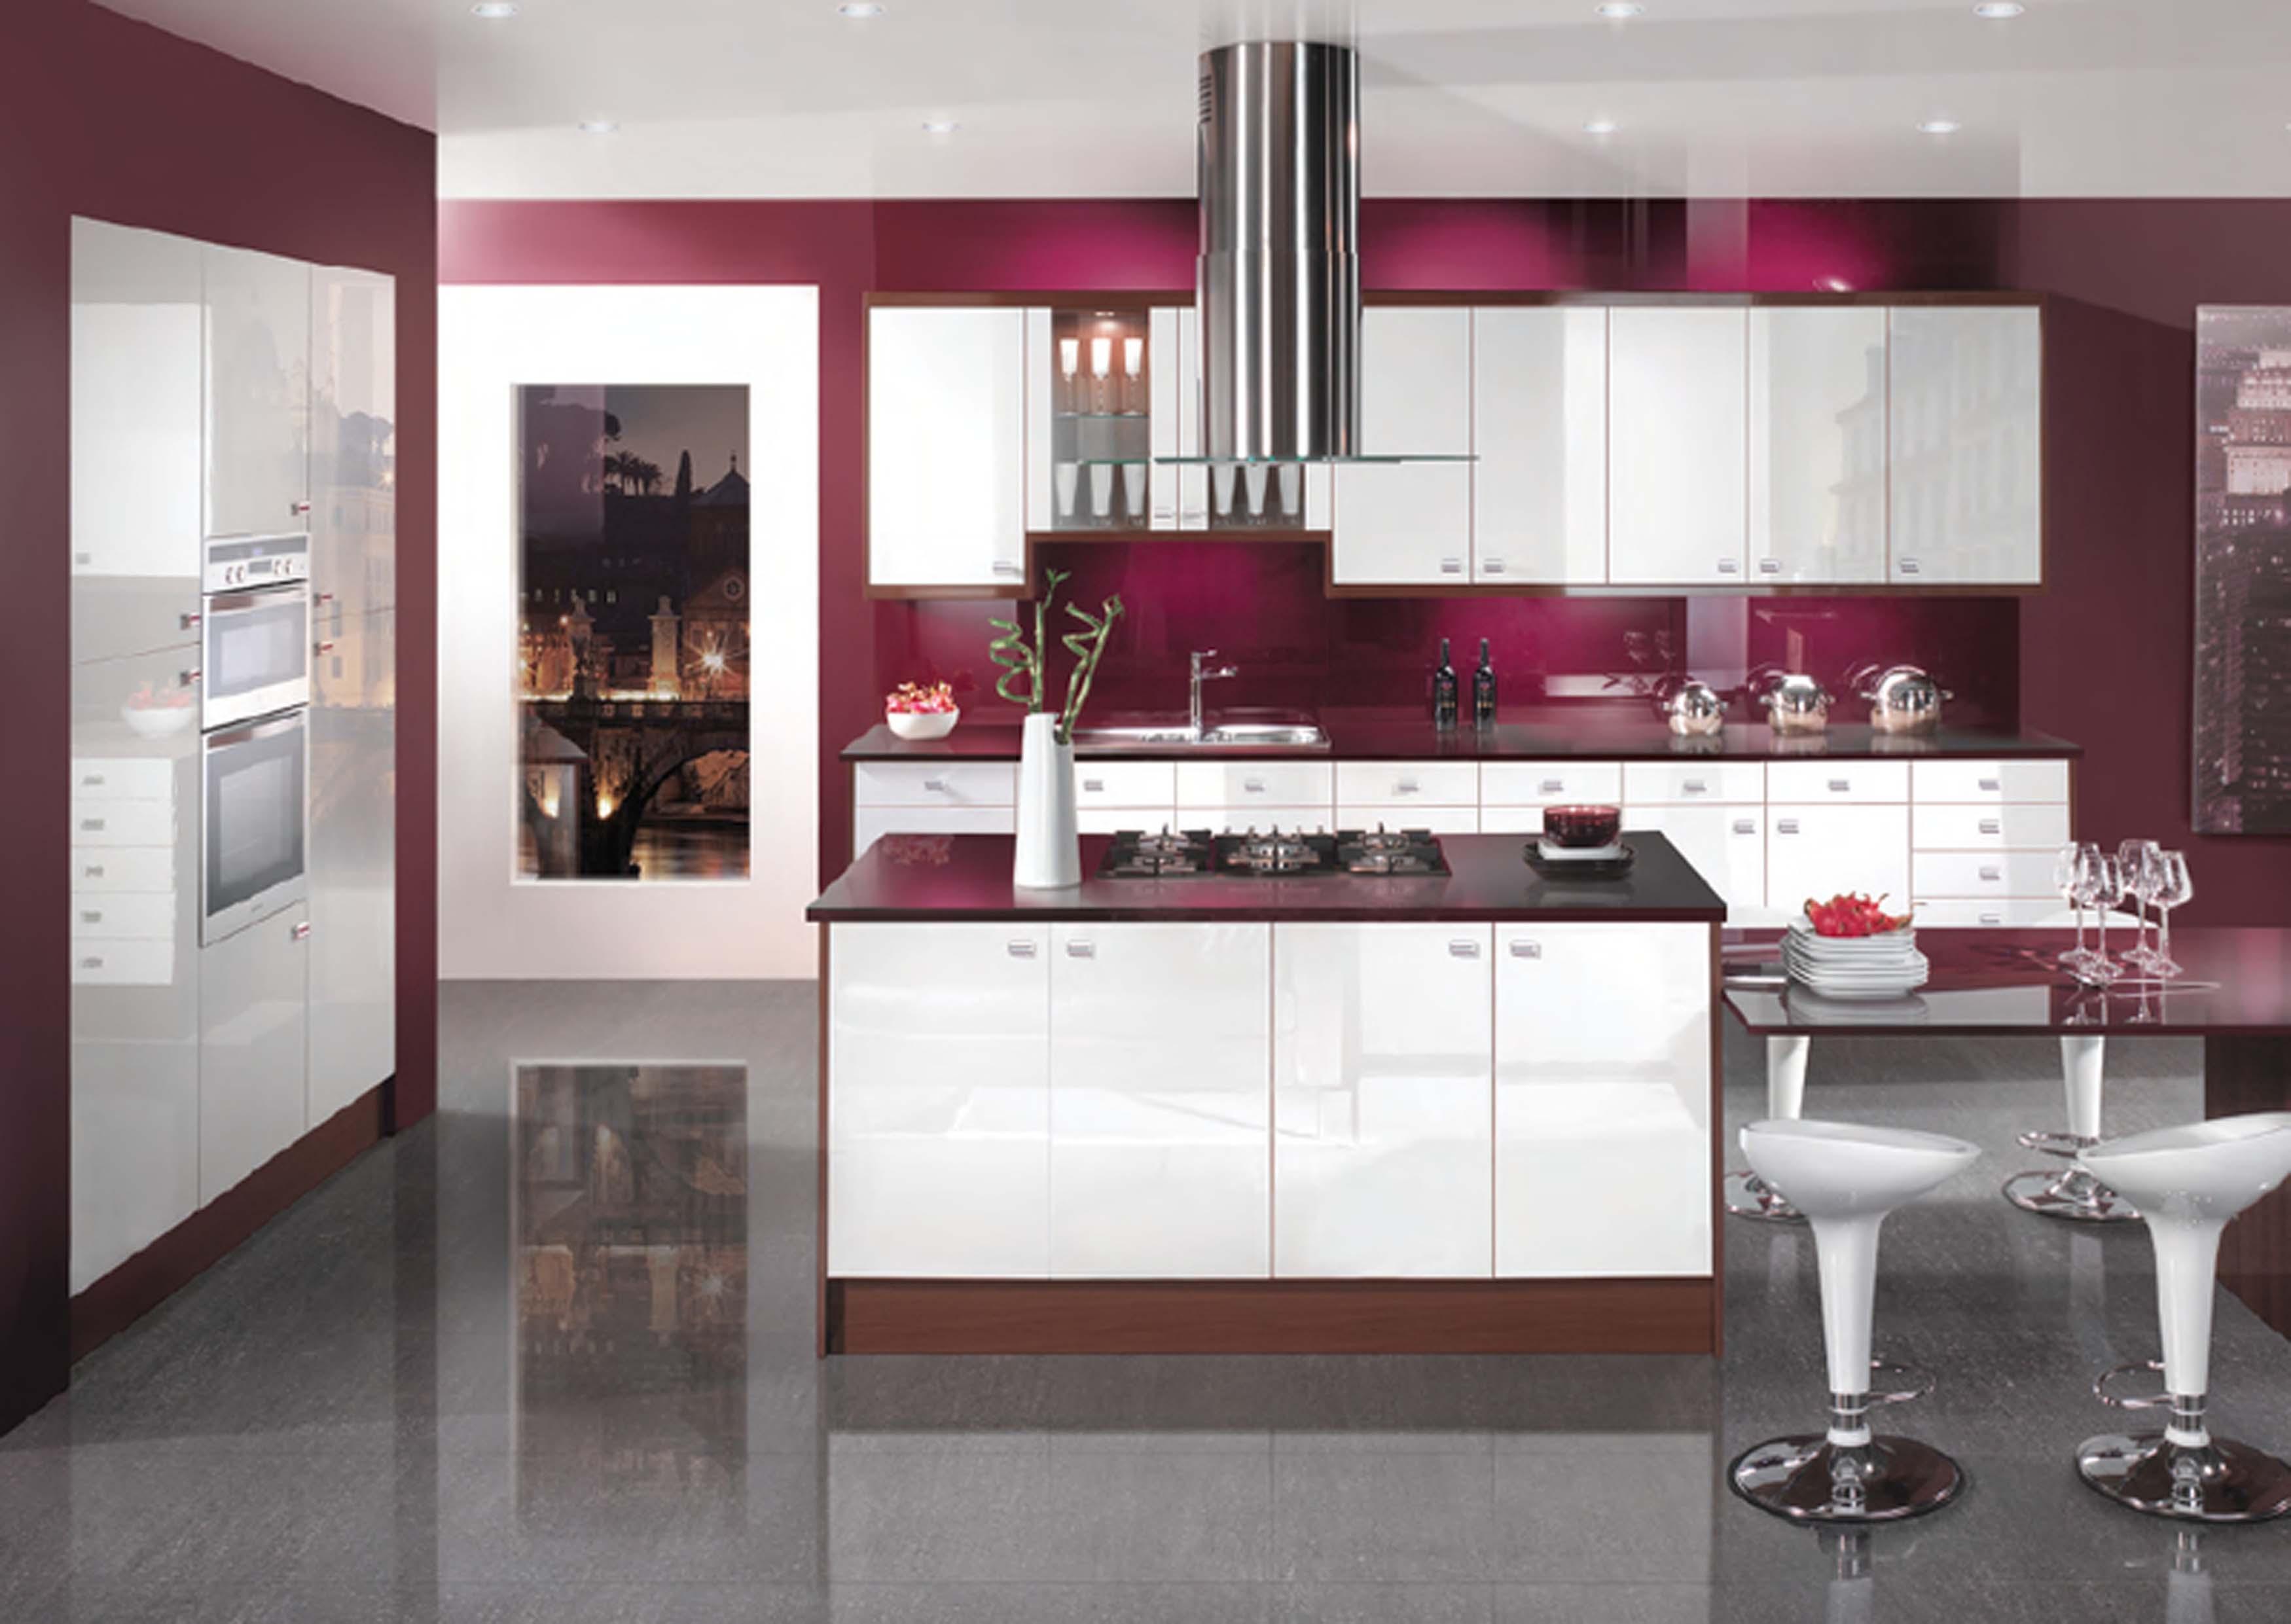 Tapis Chambre Bebe Soldes :  cuisine moderne, pratique et fonctionnelle 2015 cuisine violette et